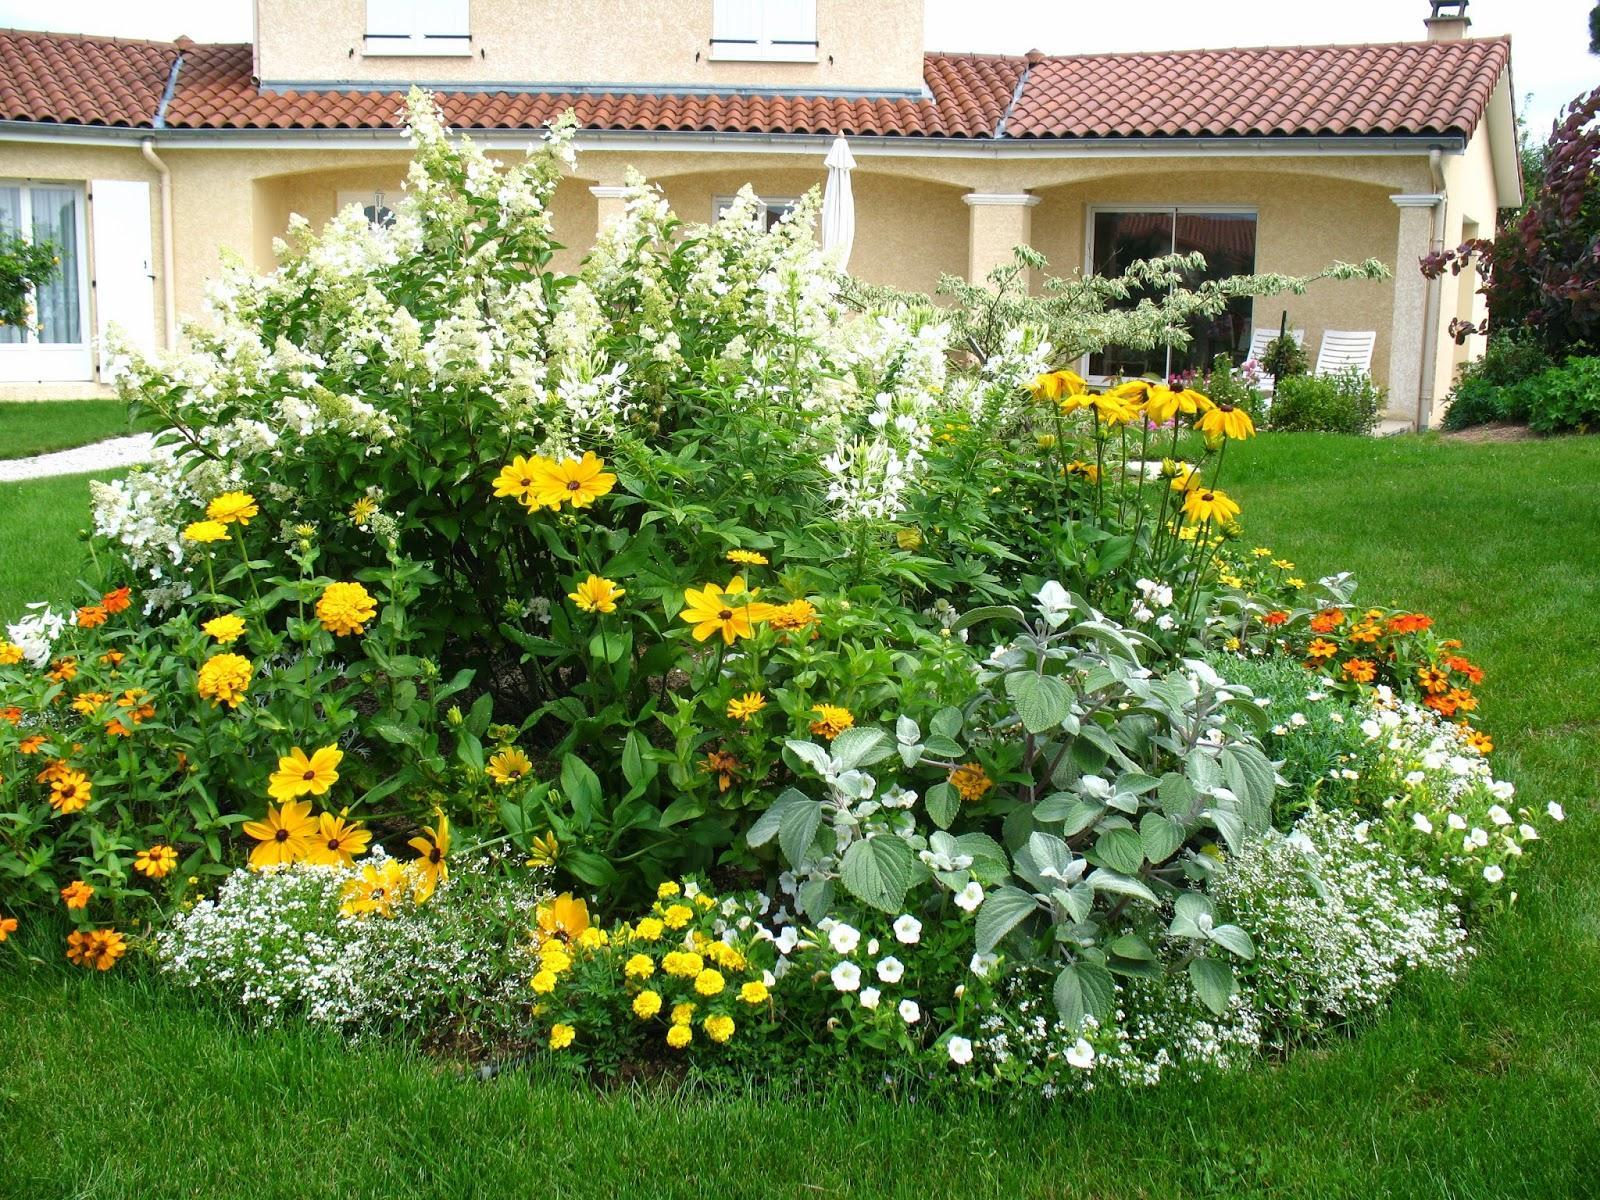 Záhrada,ktorá ťa nikdy neomrzí...divoká a krásna - Obrázok č. 110